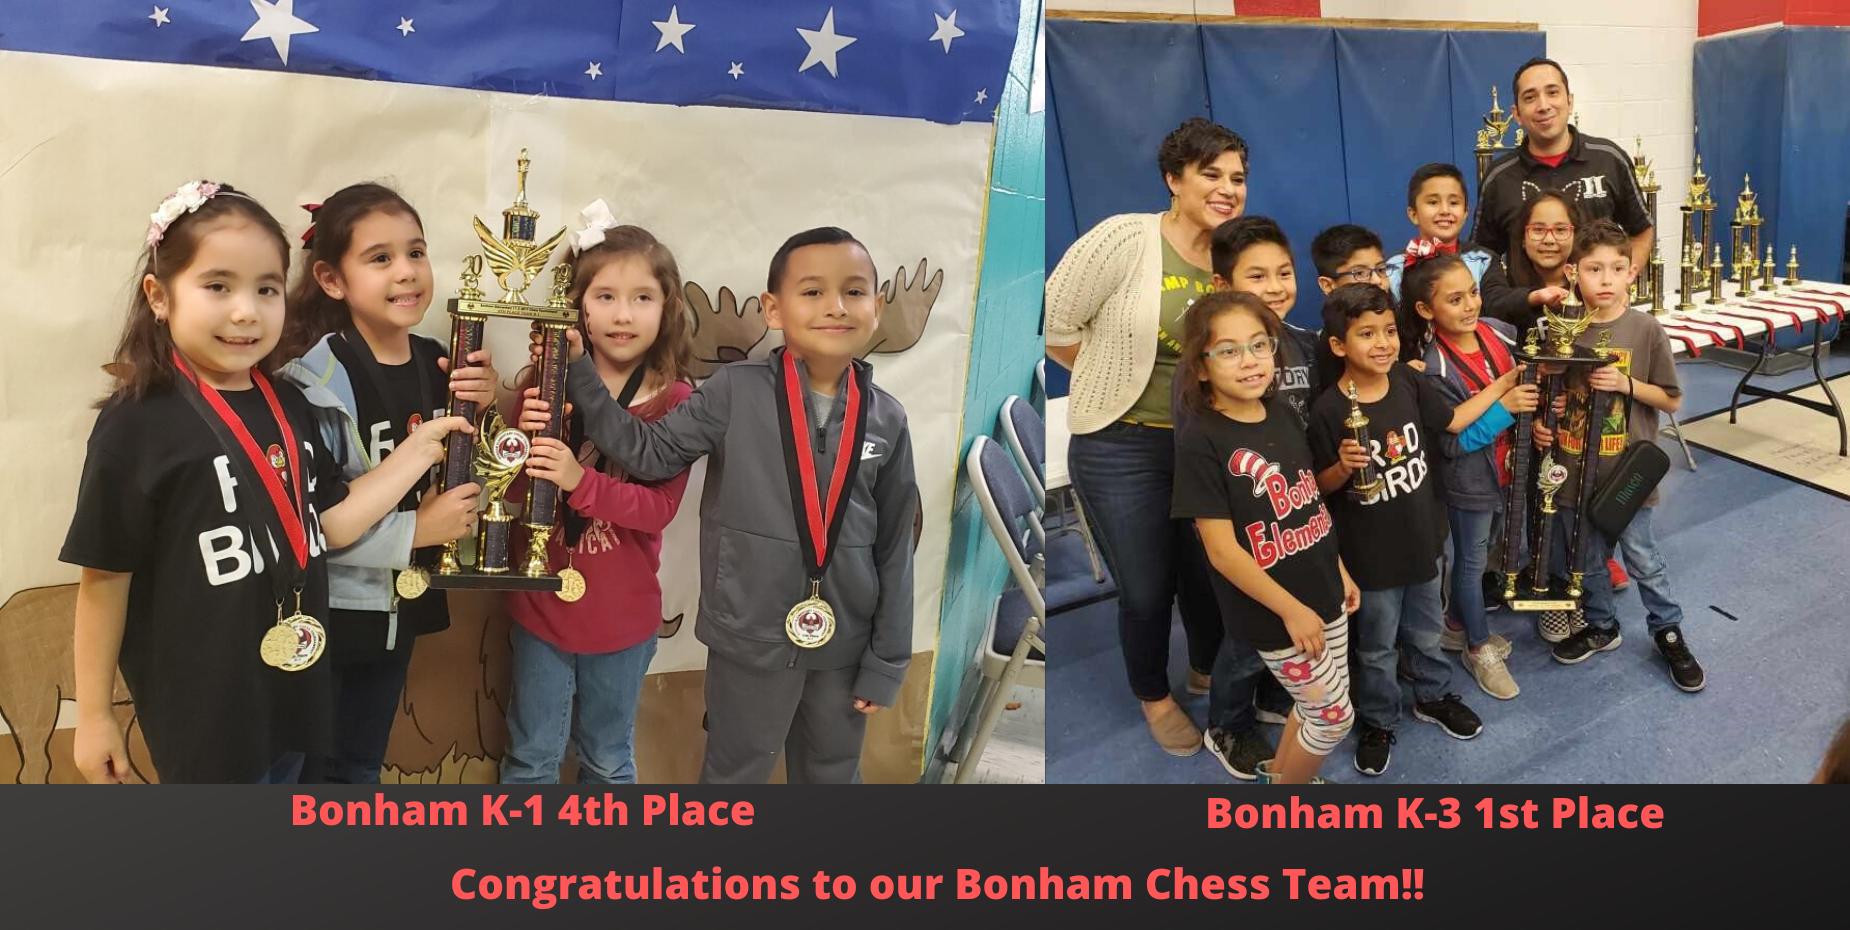 Bonham Chess Tournament